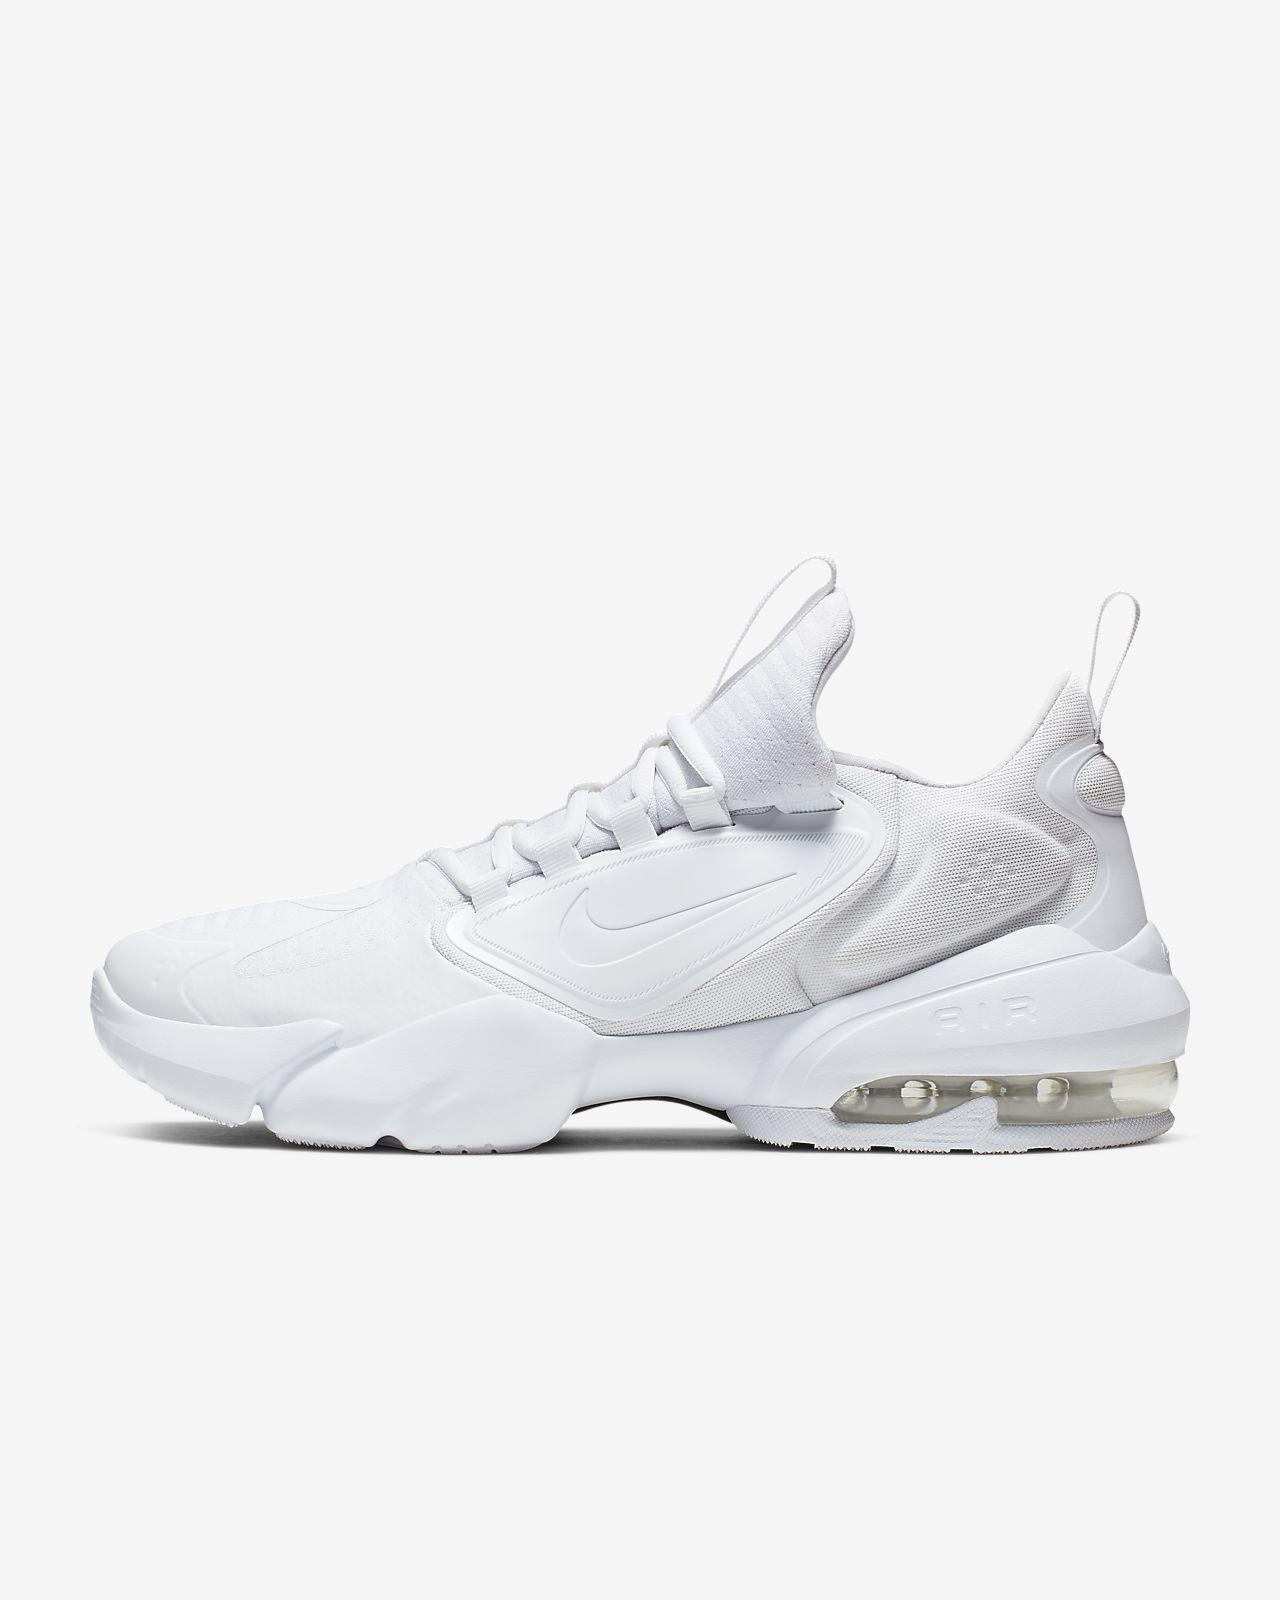 Ανδρικό παπούτσι προπόνησης Nike Air Max Alpha Savage